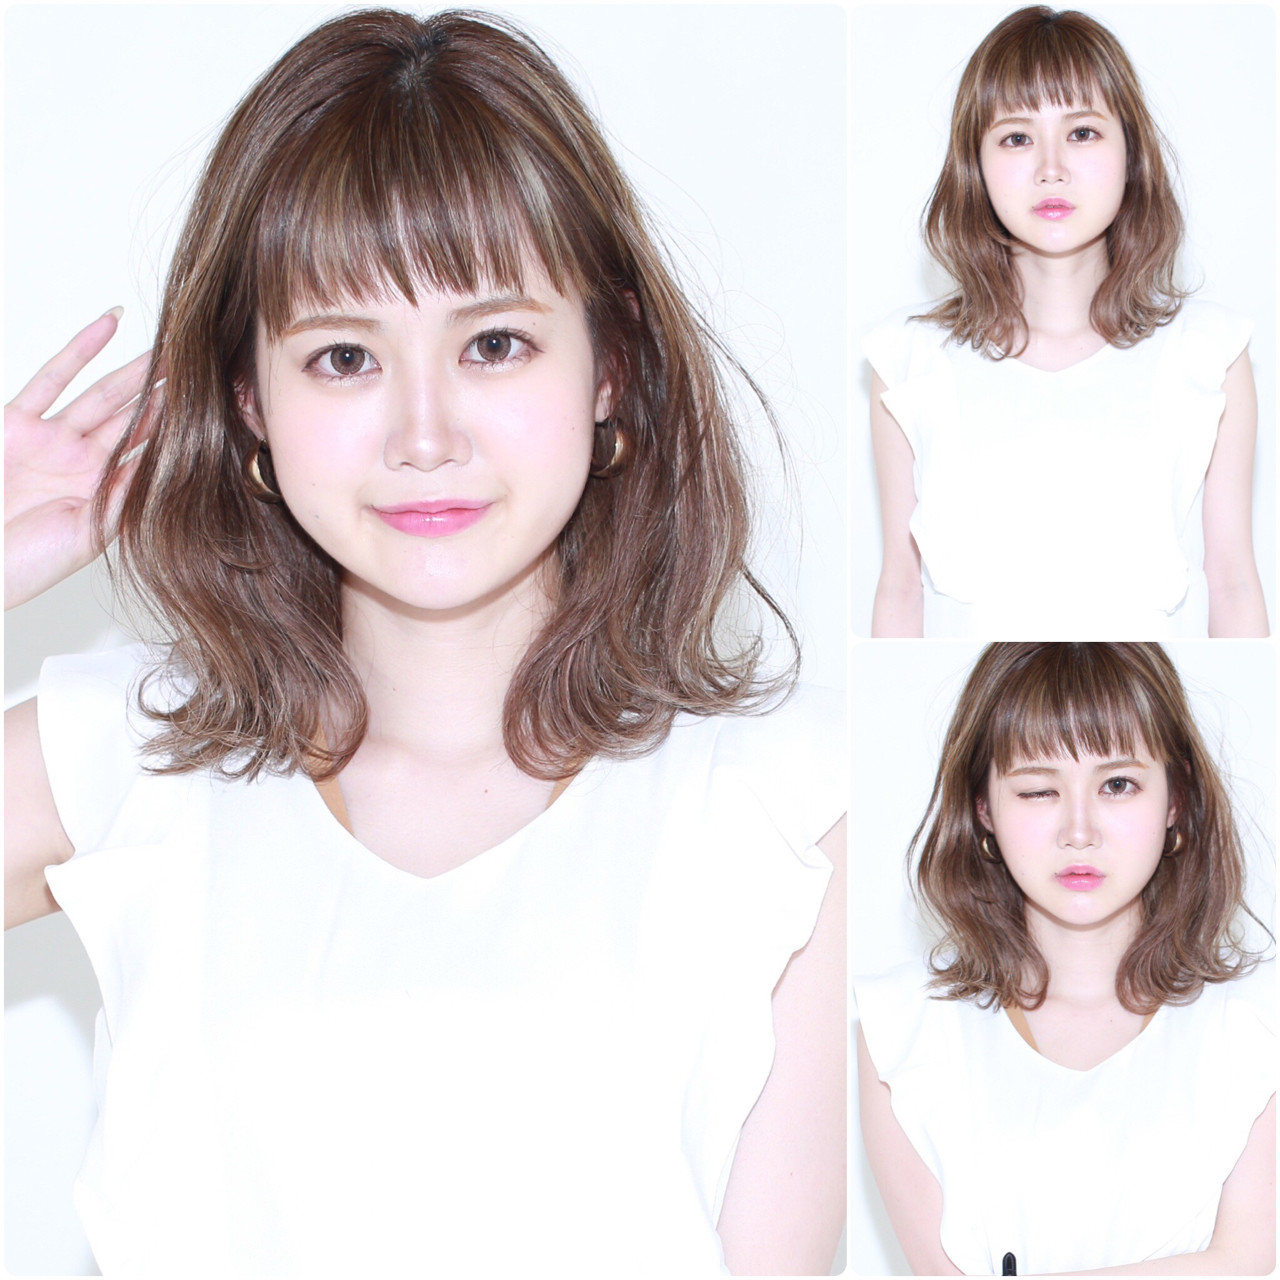 ミディアム フェミニン ハイライト ロブ ヘアスタイルや髪型の写真・画像 | イマムラ スナオ / LUKE